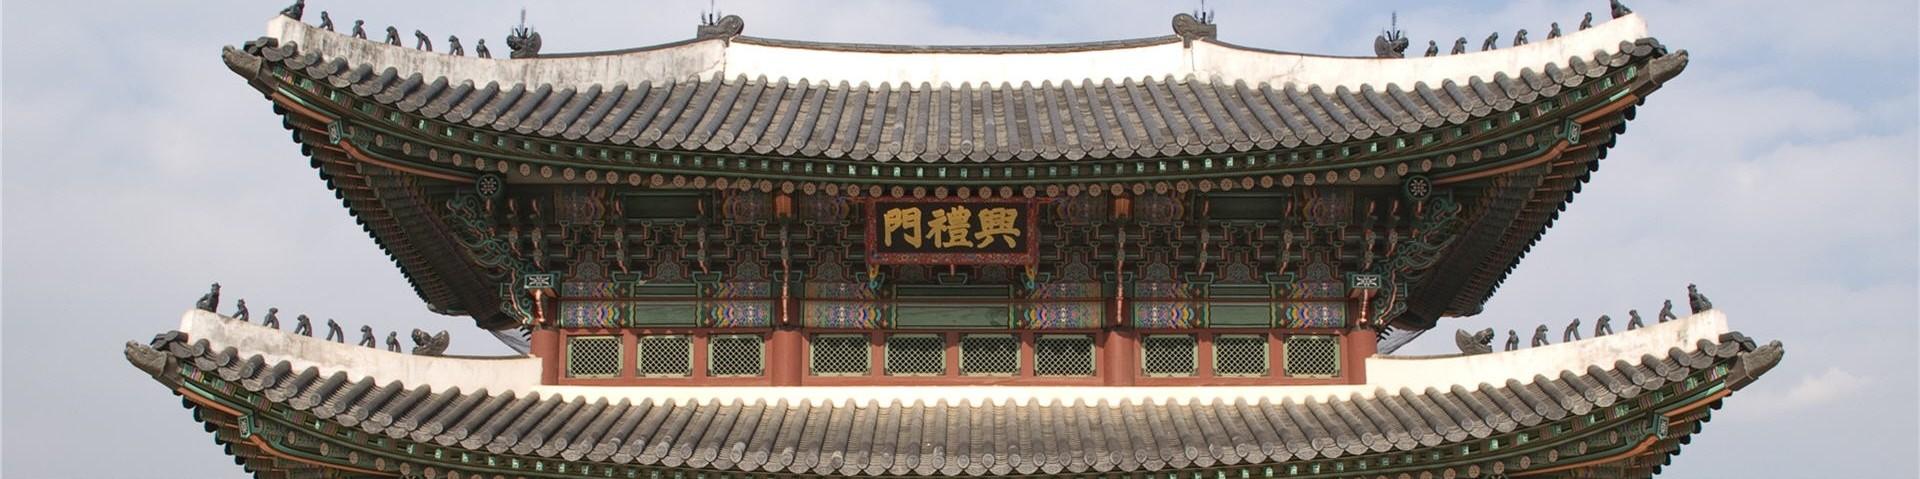 จีนประเทศที่กว้างใหญ่ที่สุดในเอเซียจึงมีเรื่องราวมากมายให้เรียนรู้